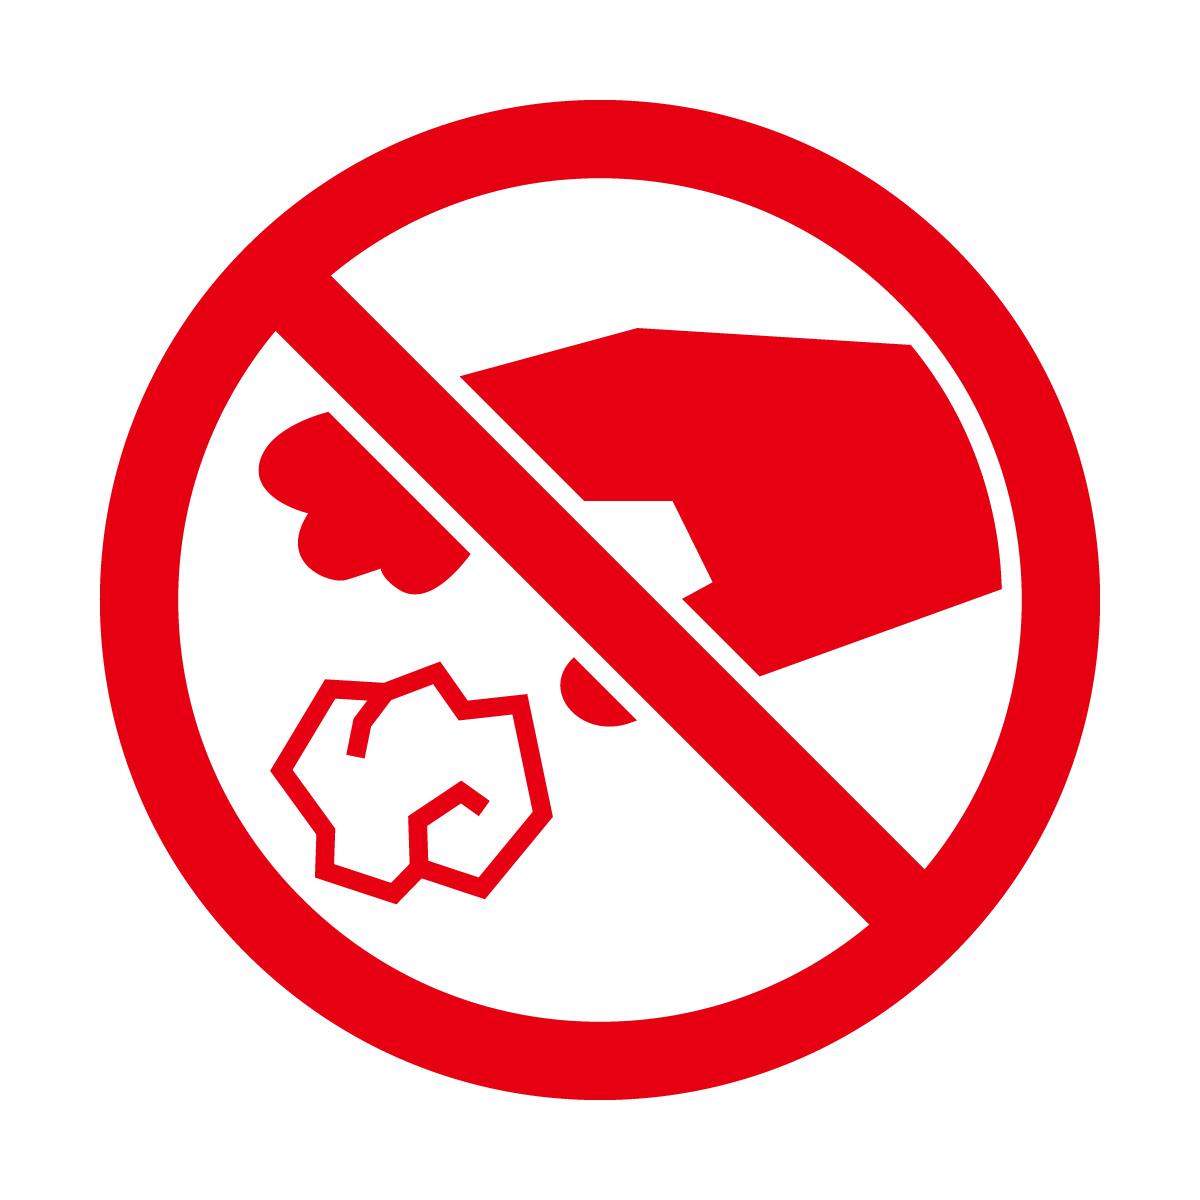 赤色のゴミのポイ捨て禁止マークのカッティングステッカー